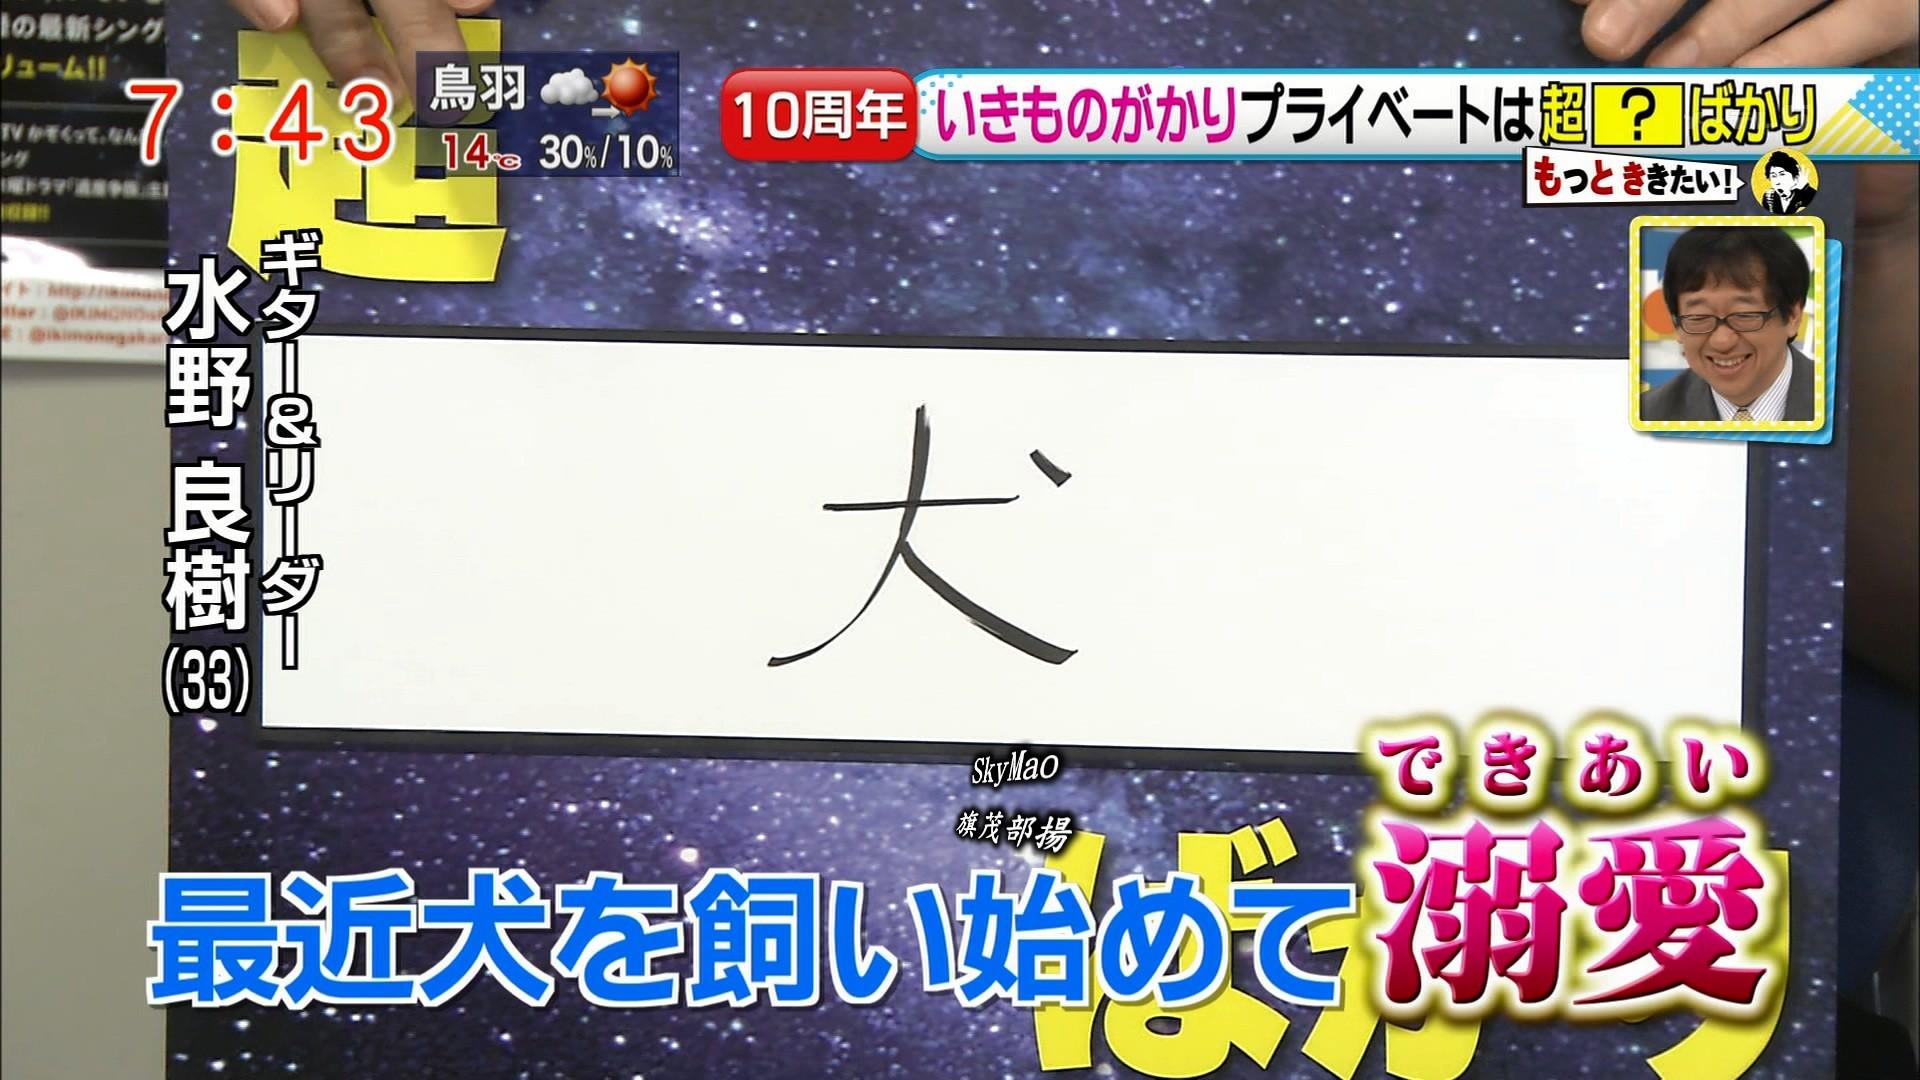 2016.03.28 いきものがかり(ドデスカ!).ts_20160328_141253.773